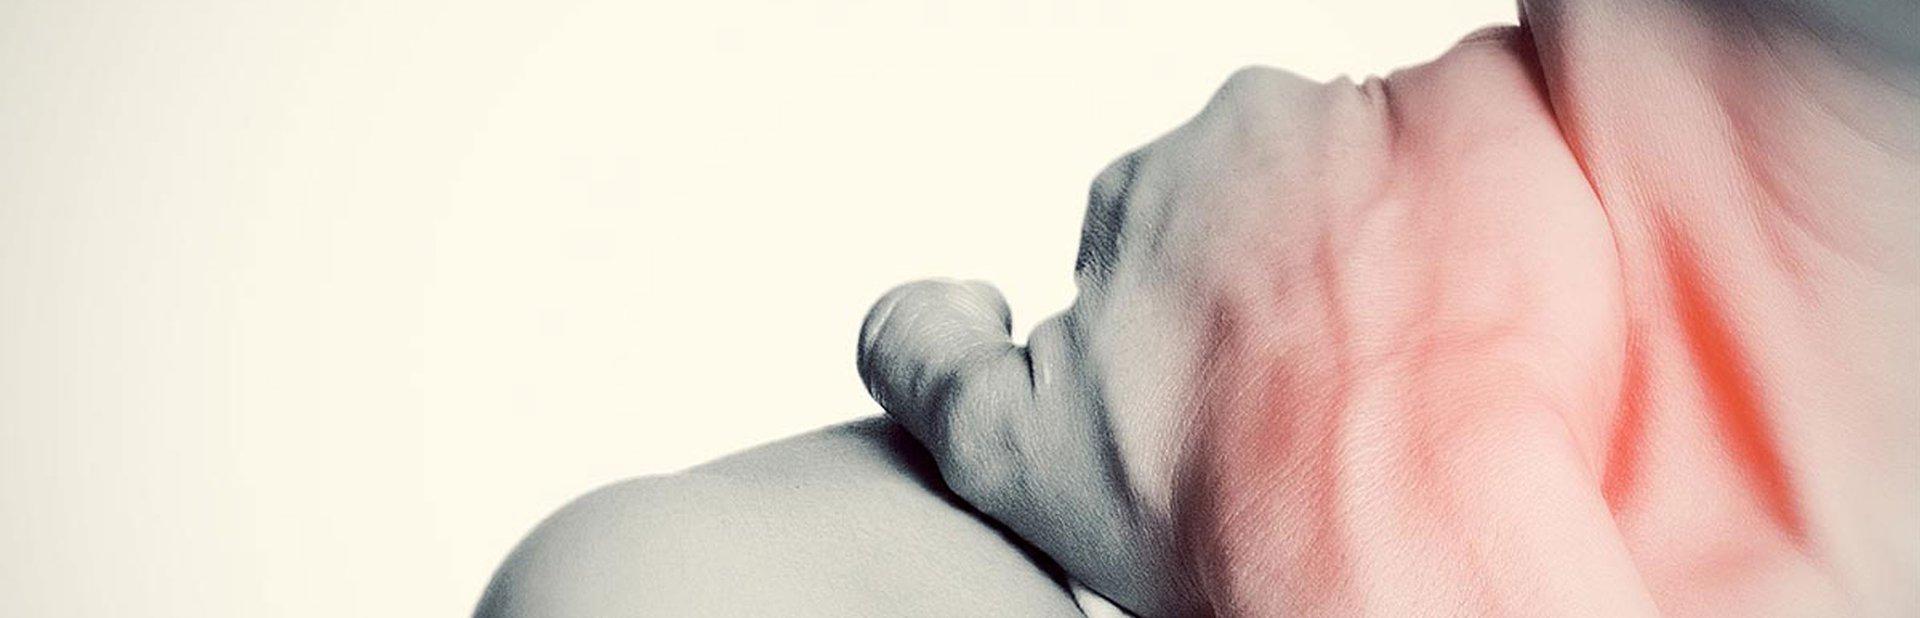 Curso de Experto en Terapia Manual Ortopédica y Síndrome del Dolor Miofascial